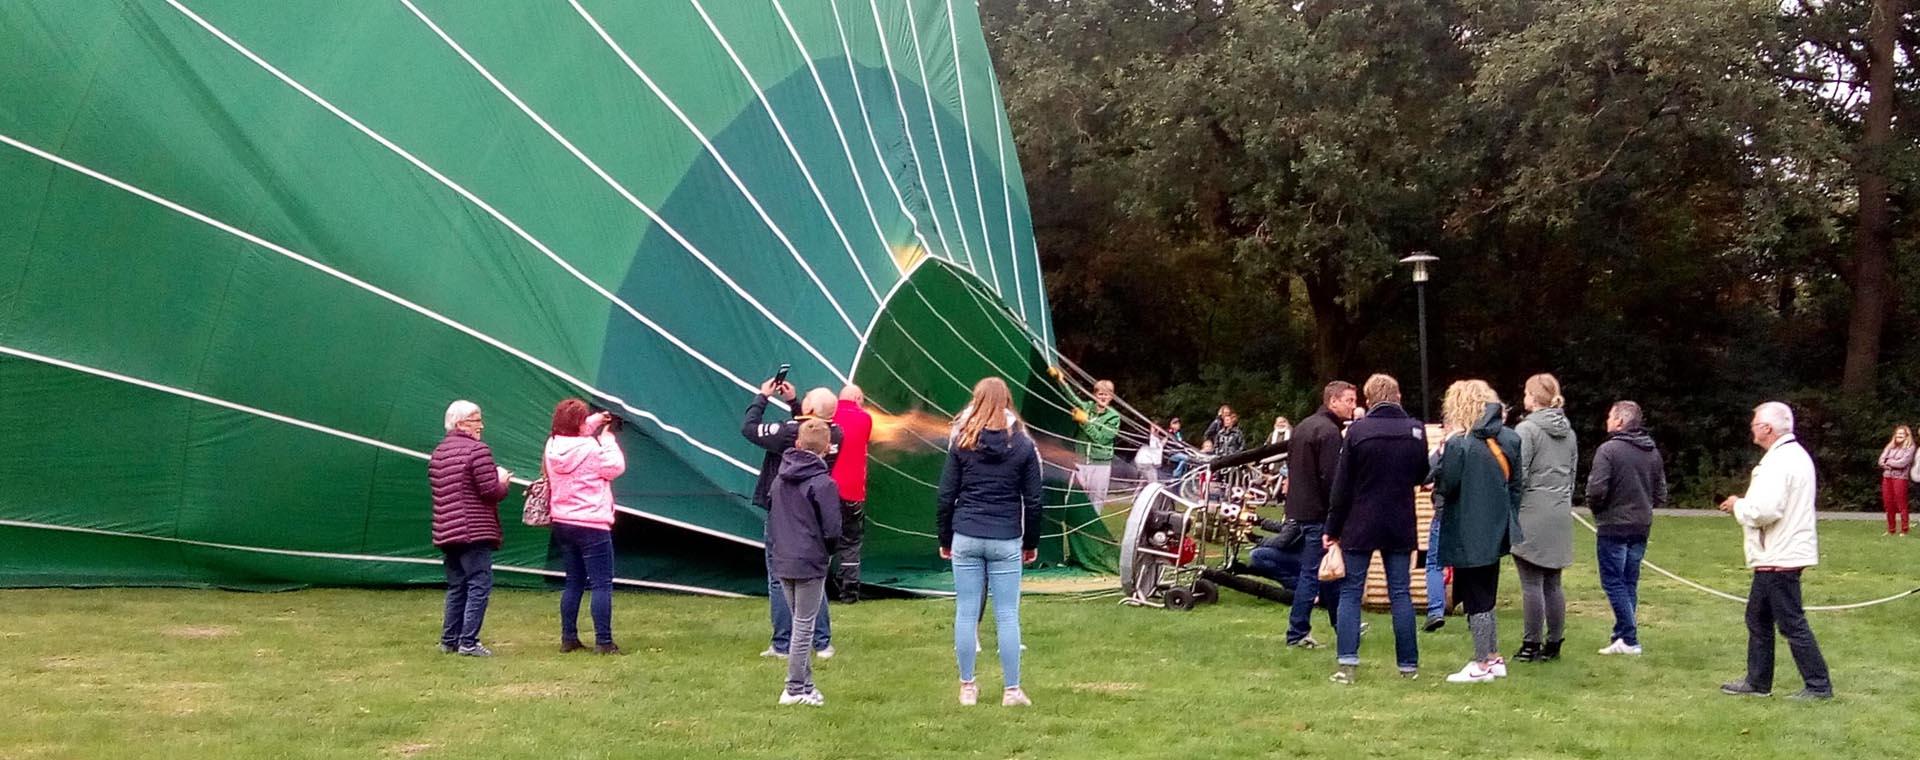 20191005-BallonOplating-3-(Springerpark)StadsparkGroningen